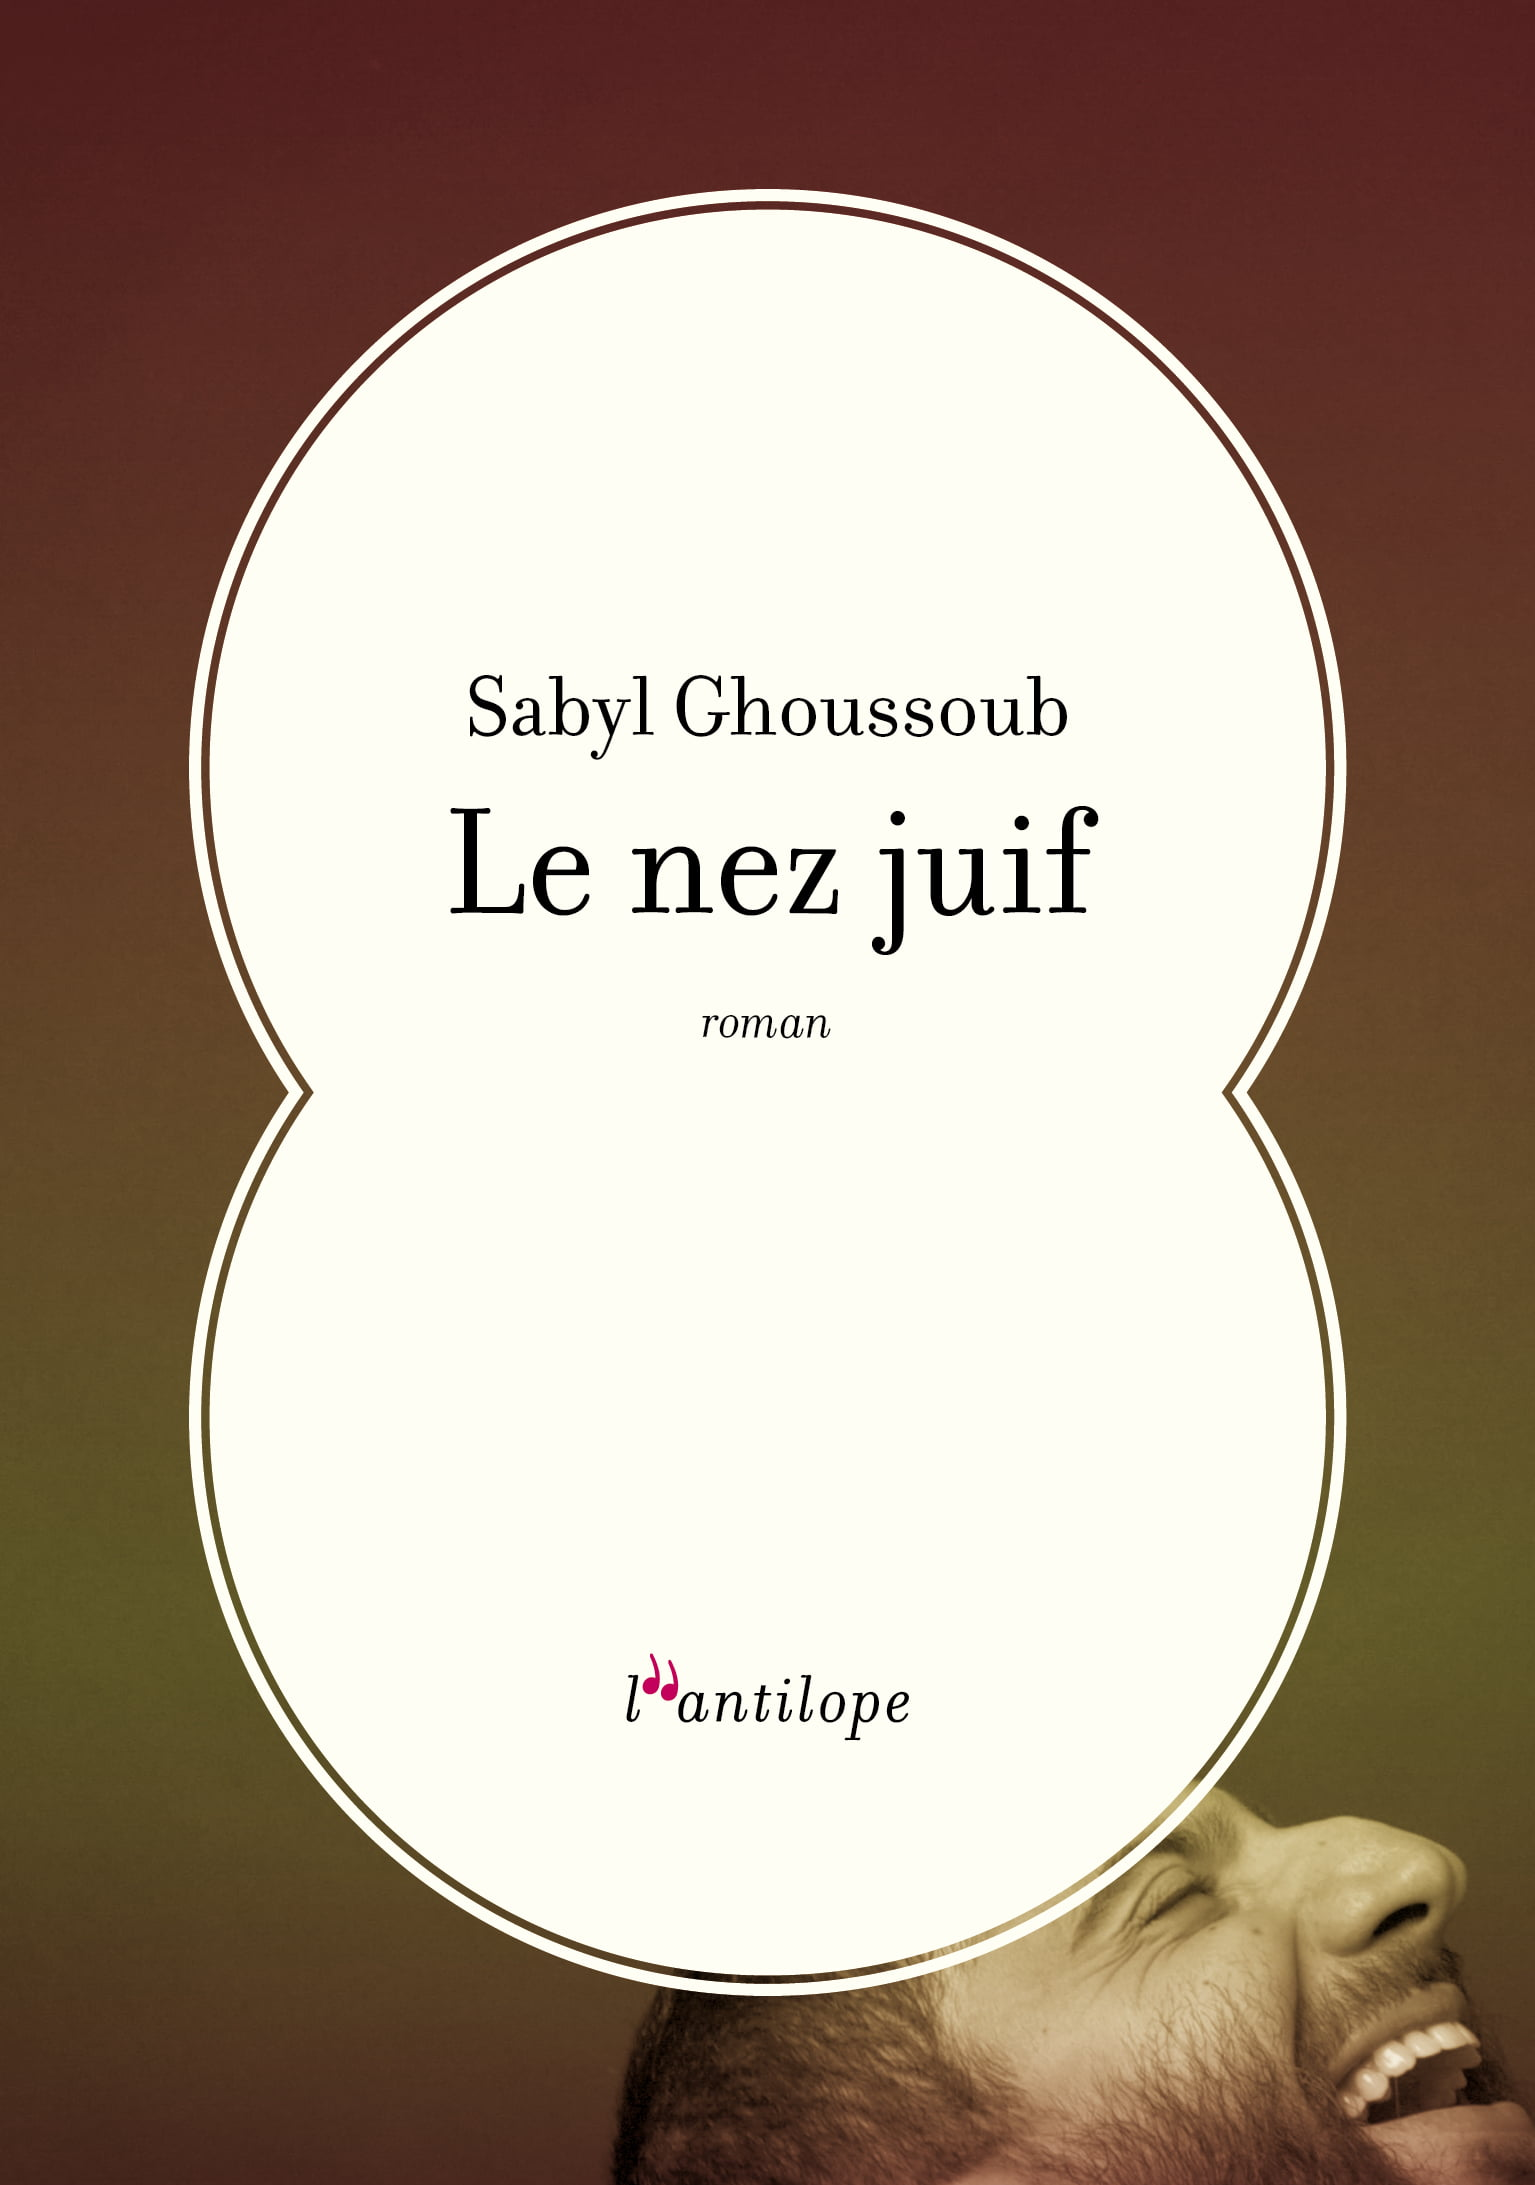 Le nez juif de Sabyl Goussouhb